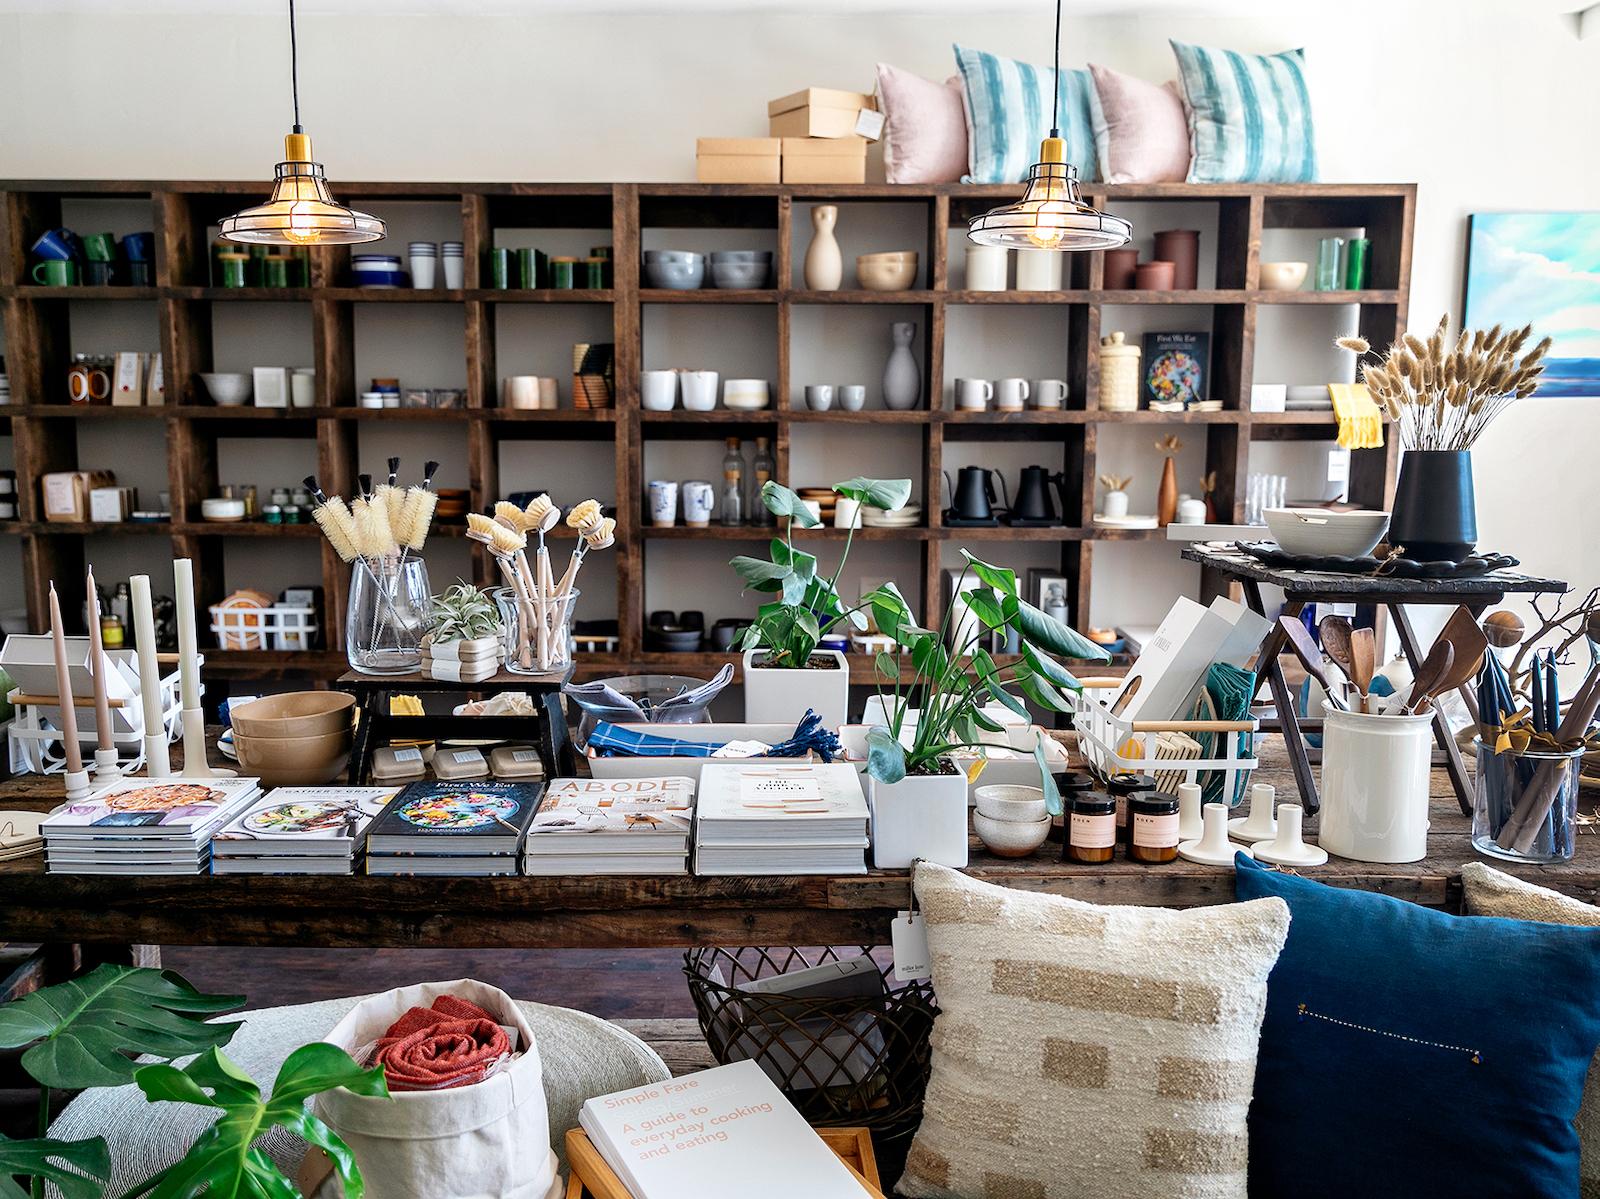 Step Inside Berkeley S Newest Home Decor Shop 5280